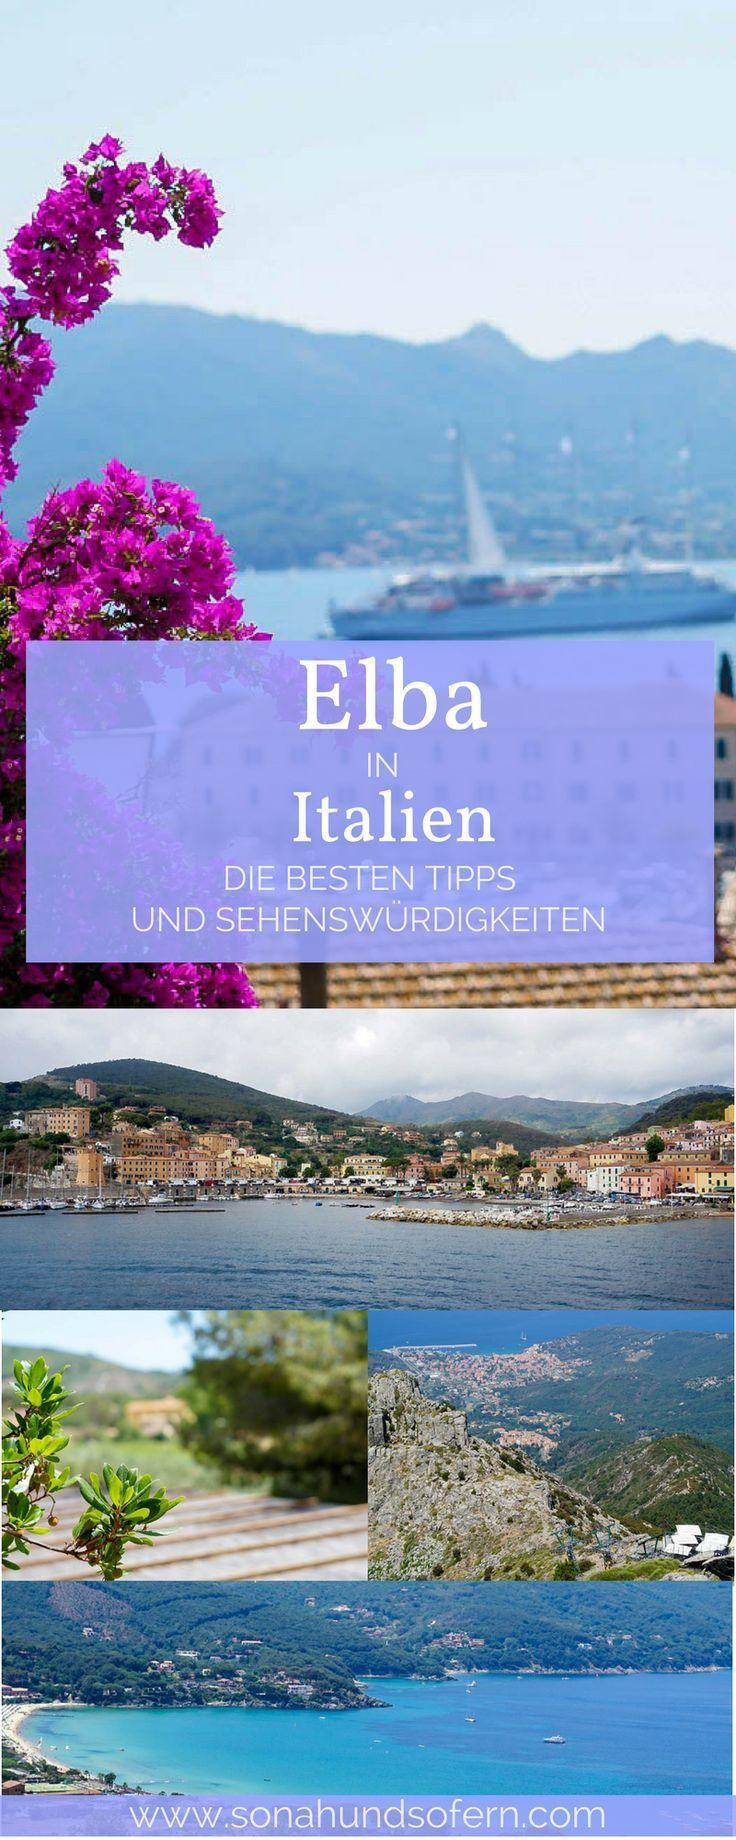 Die besten Tipps und Sehenswürdigkeiten für Elba. Eine kleine Mittelmeer Insel in Italien. Für deine nächste längere Reise oder deinen kurzen Urlaub nach Italien. Erfahrt mehr über Elbas Strände, der Hauptstadt Portoferraio und Napoleon. Jetzt auf www.sonahundsofern.com